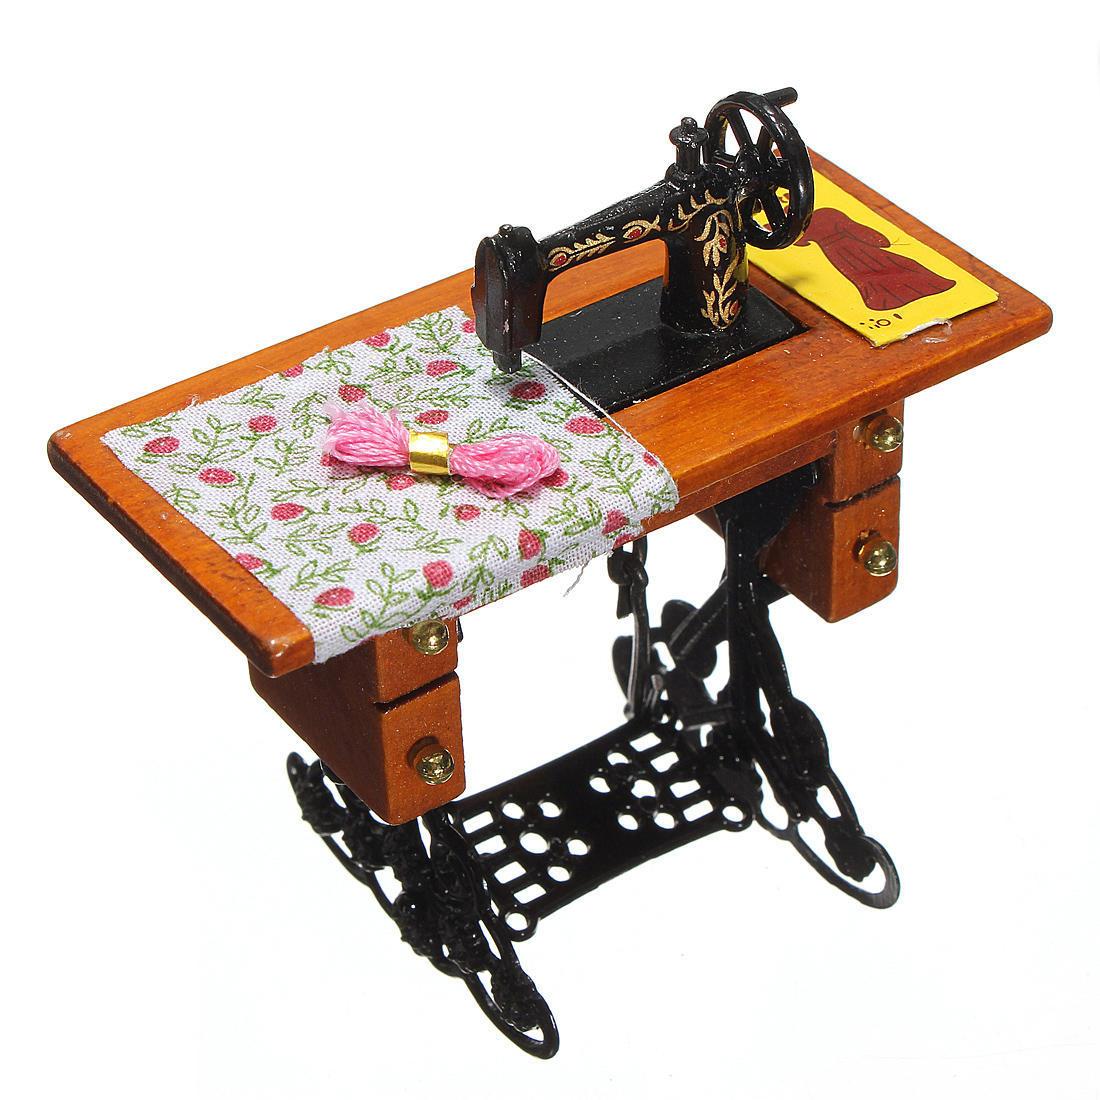 Винтаж миниатюрная швейная машина мебель игрушки дом для куклы Барби дом швейная машина vlk napoli 2400